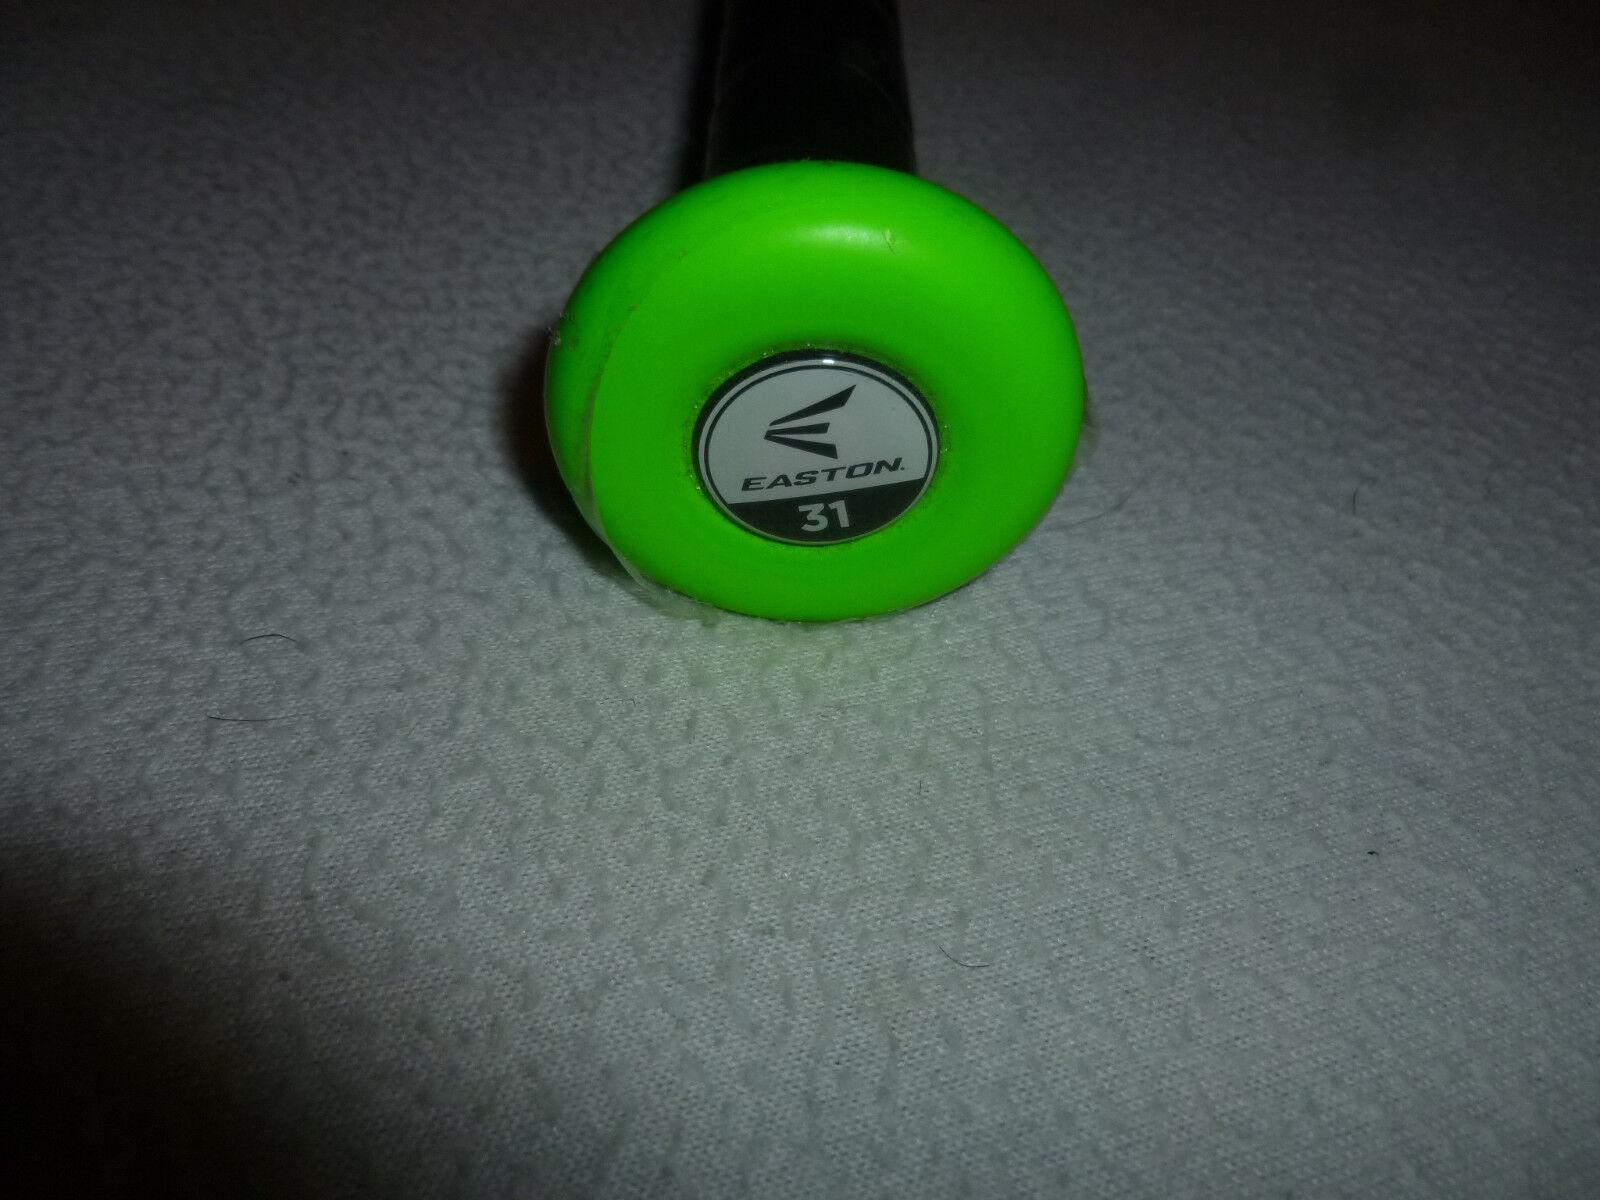 BRAND NEW EASTON OCTANE BASEBALL BAT YB39 YB39 YB39 31/19  2 1/4 BARREL YOUTH BPF 1.15 MLB 4540a5